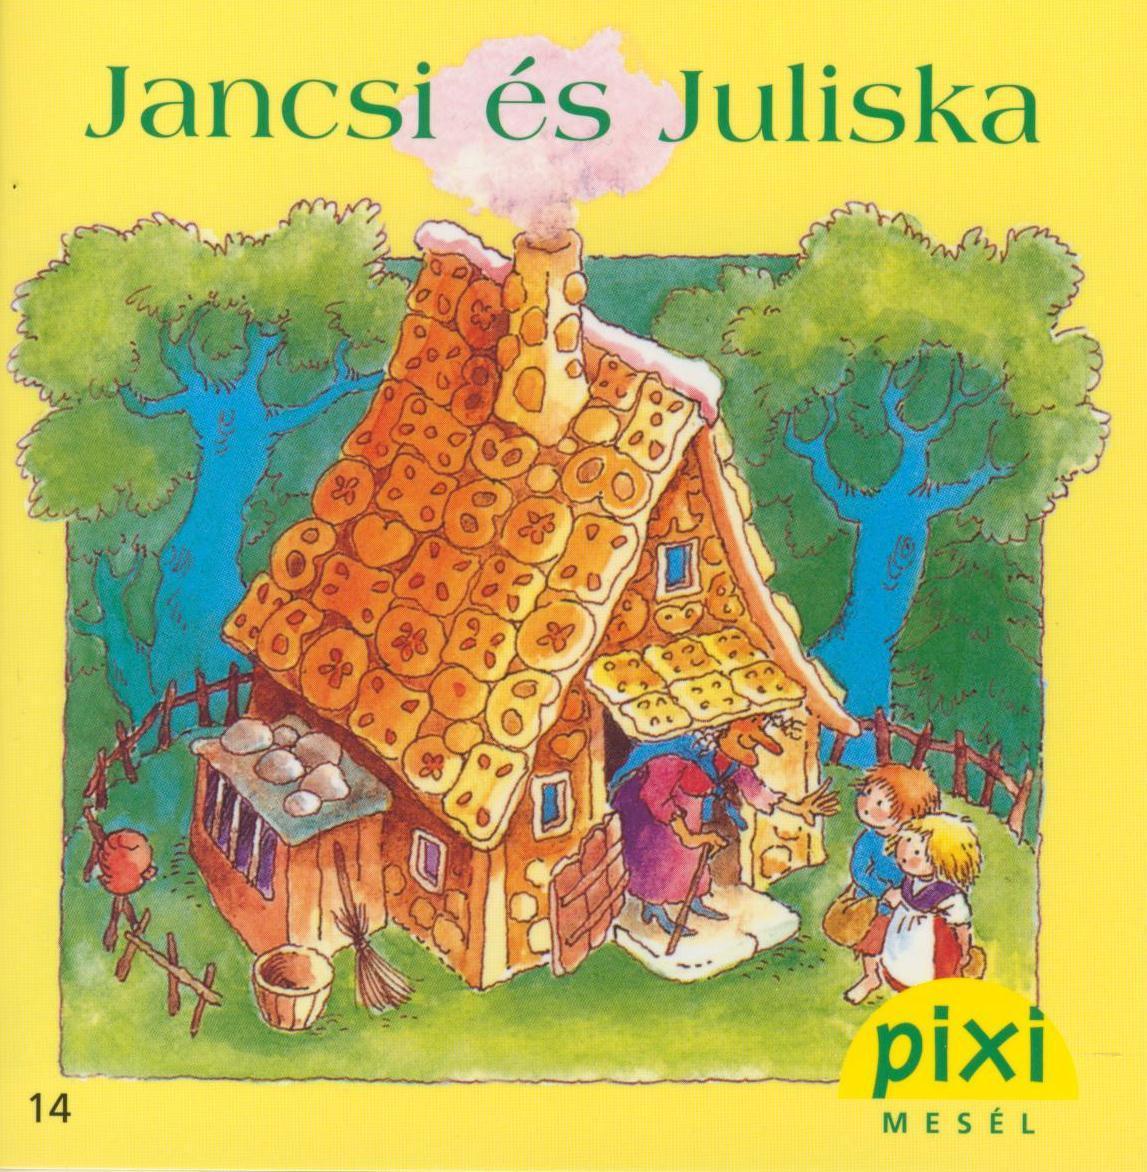 JANCSI ÉS JULISKA - PIXI MESÉL 14.